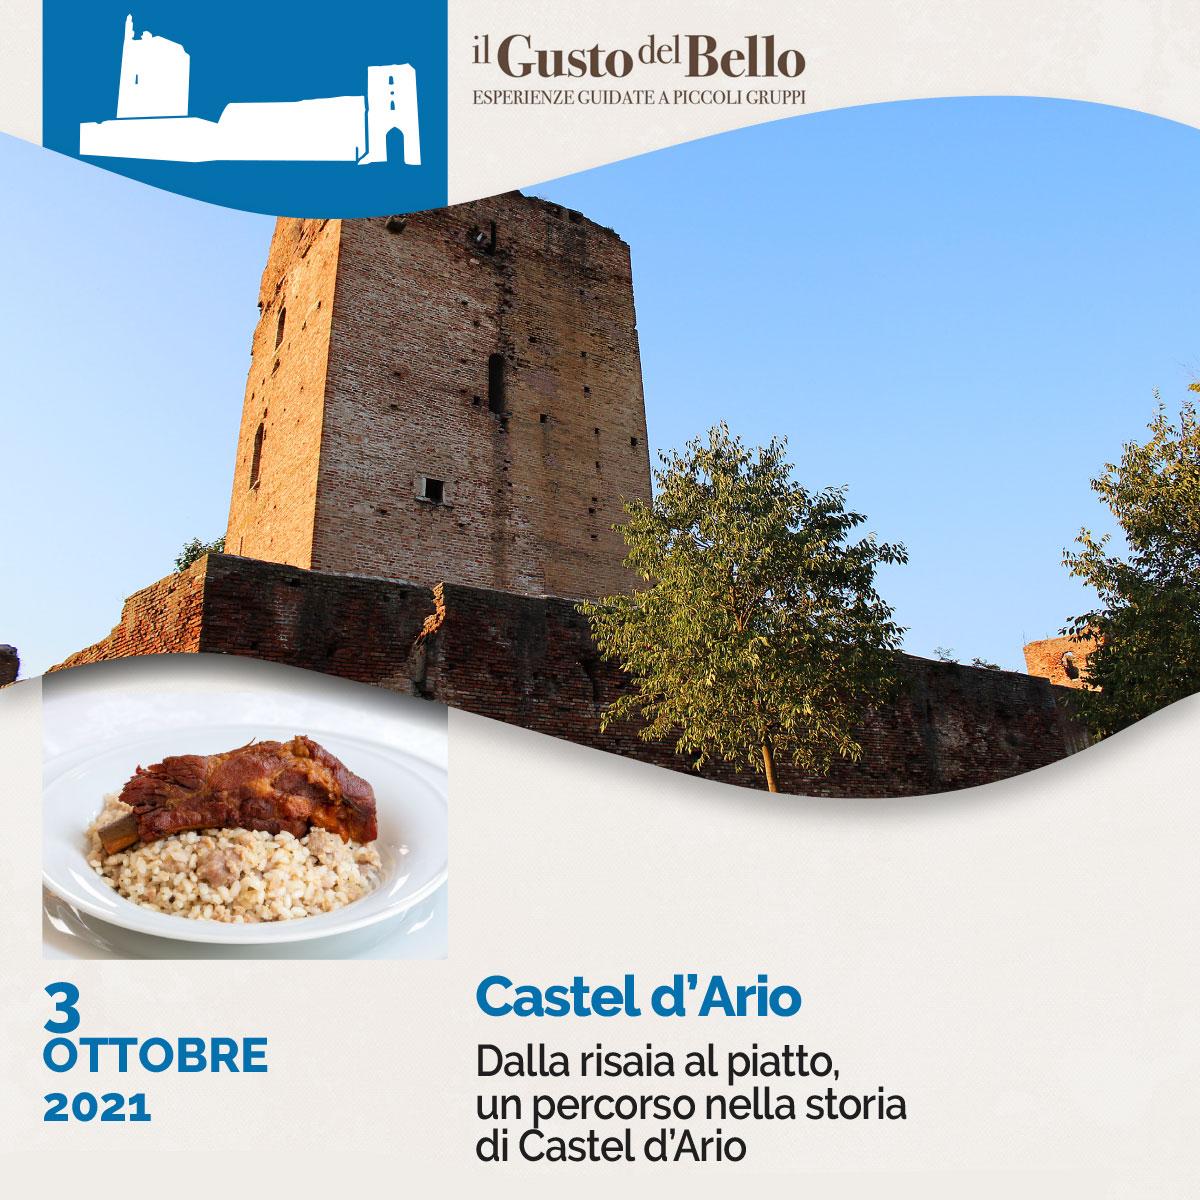 Castel d'Ario Il Gusto del Bello